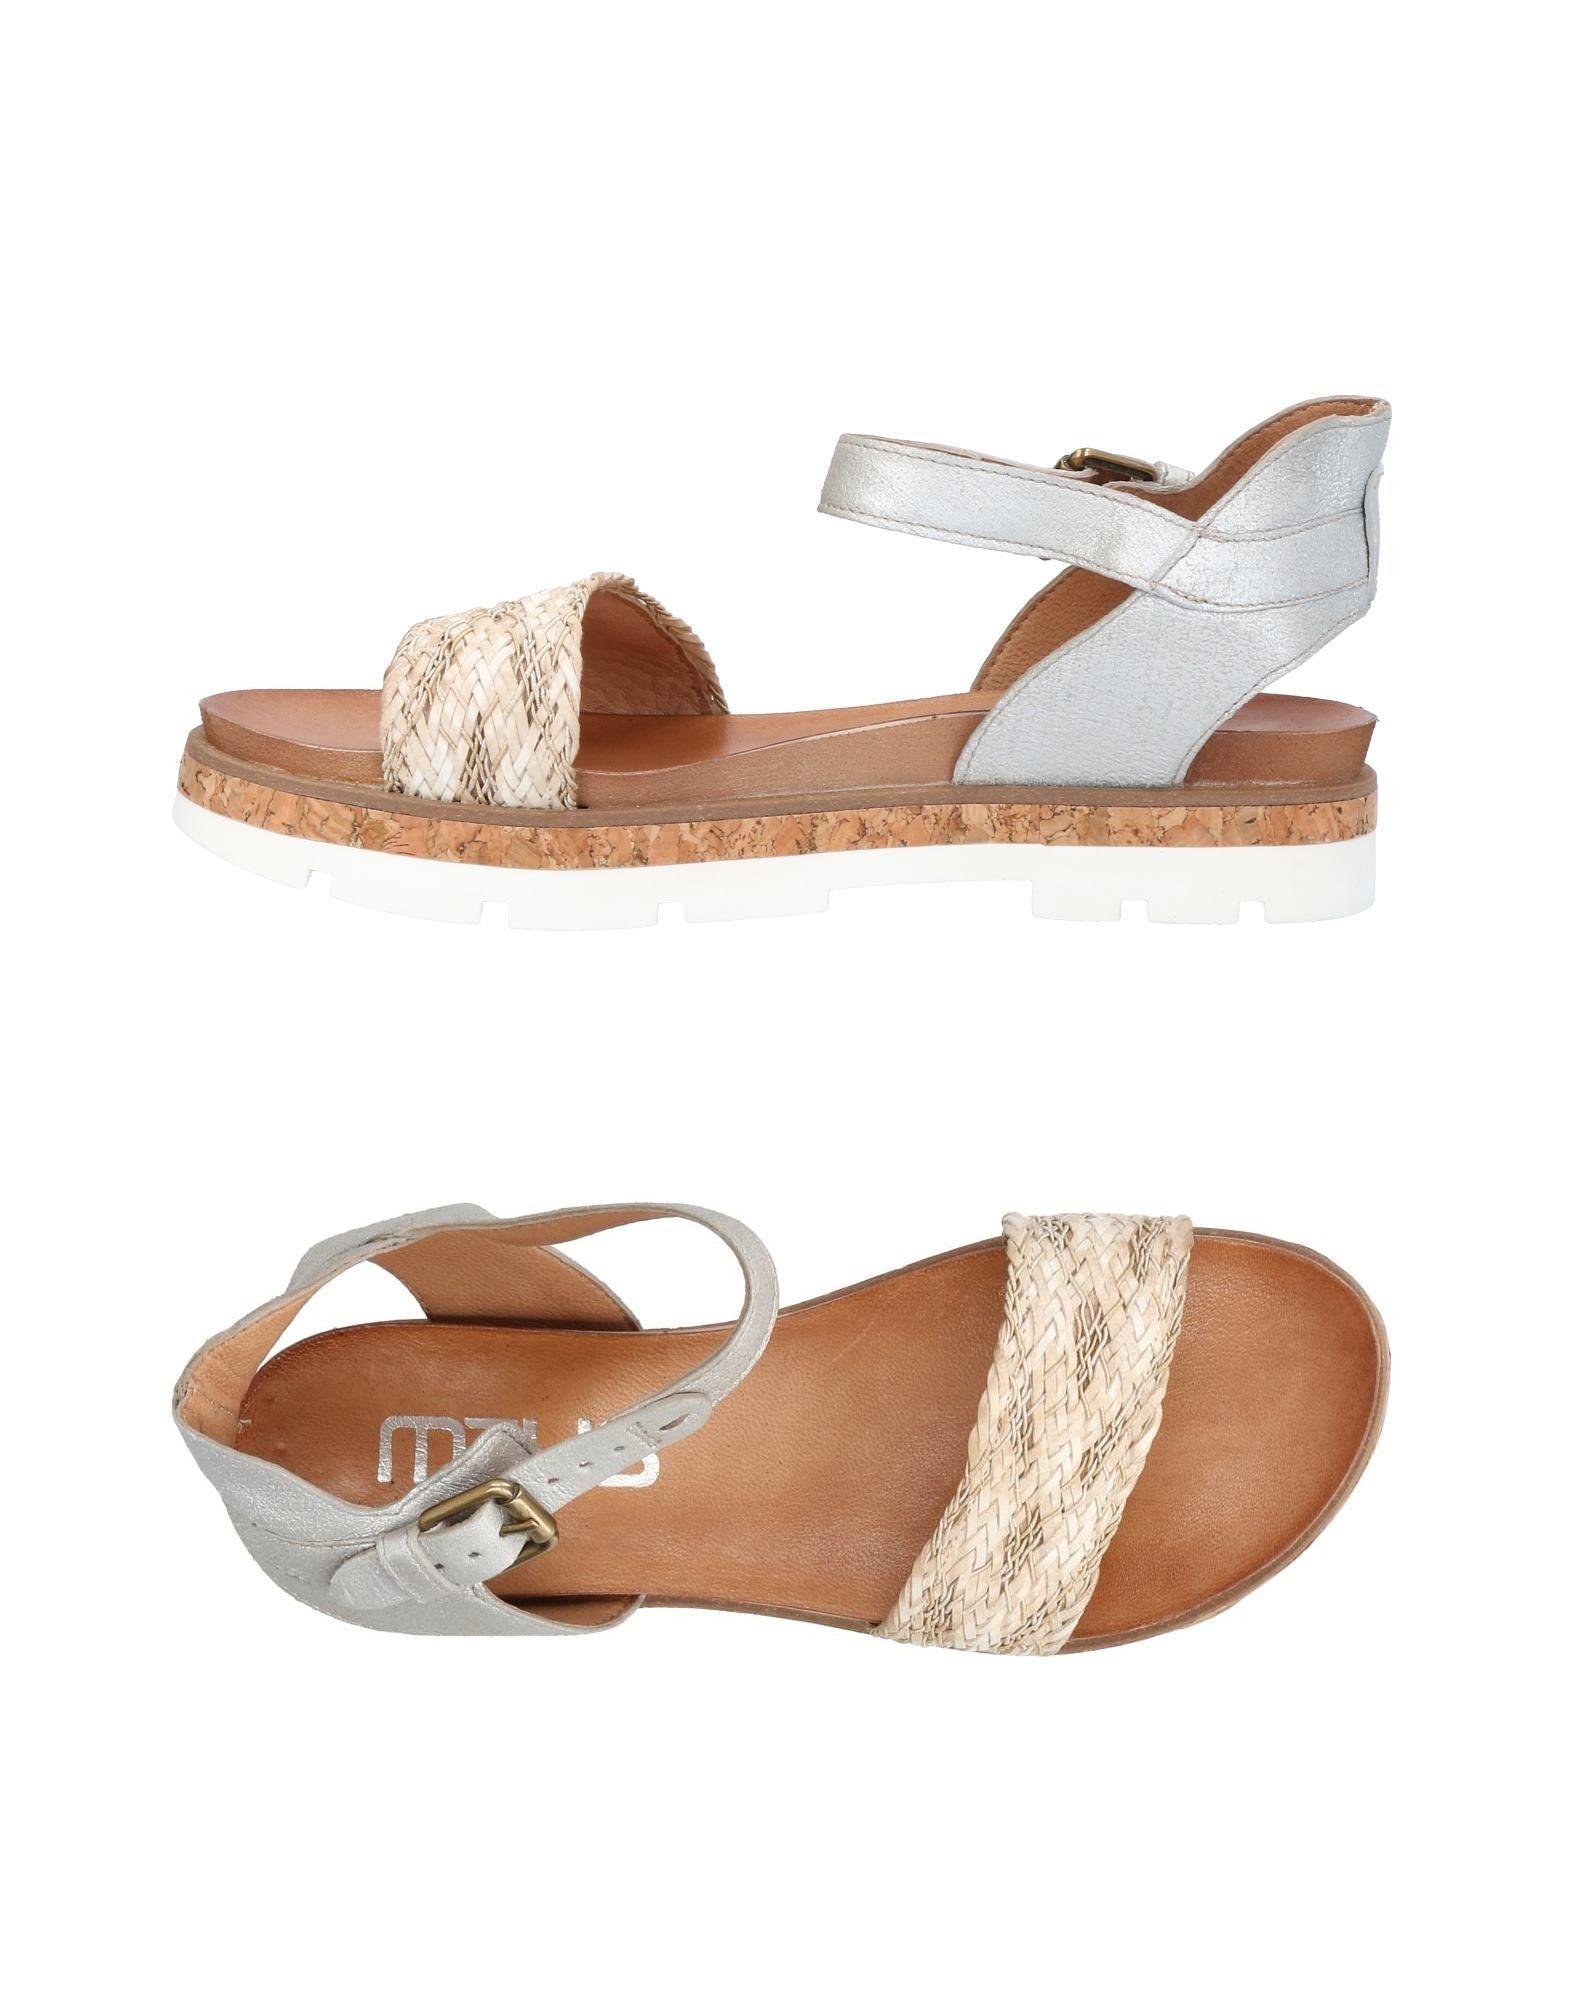 Sandales Mjus Femme - Sandales Mjus sur